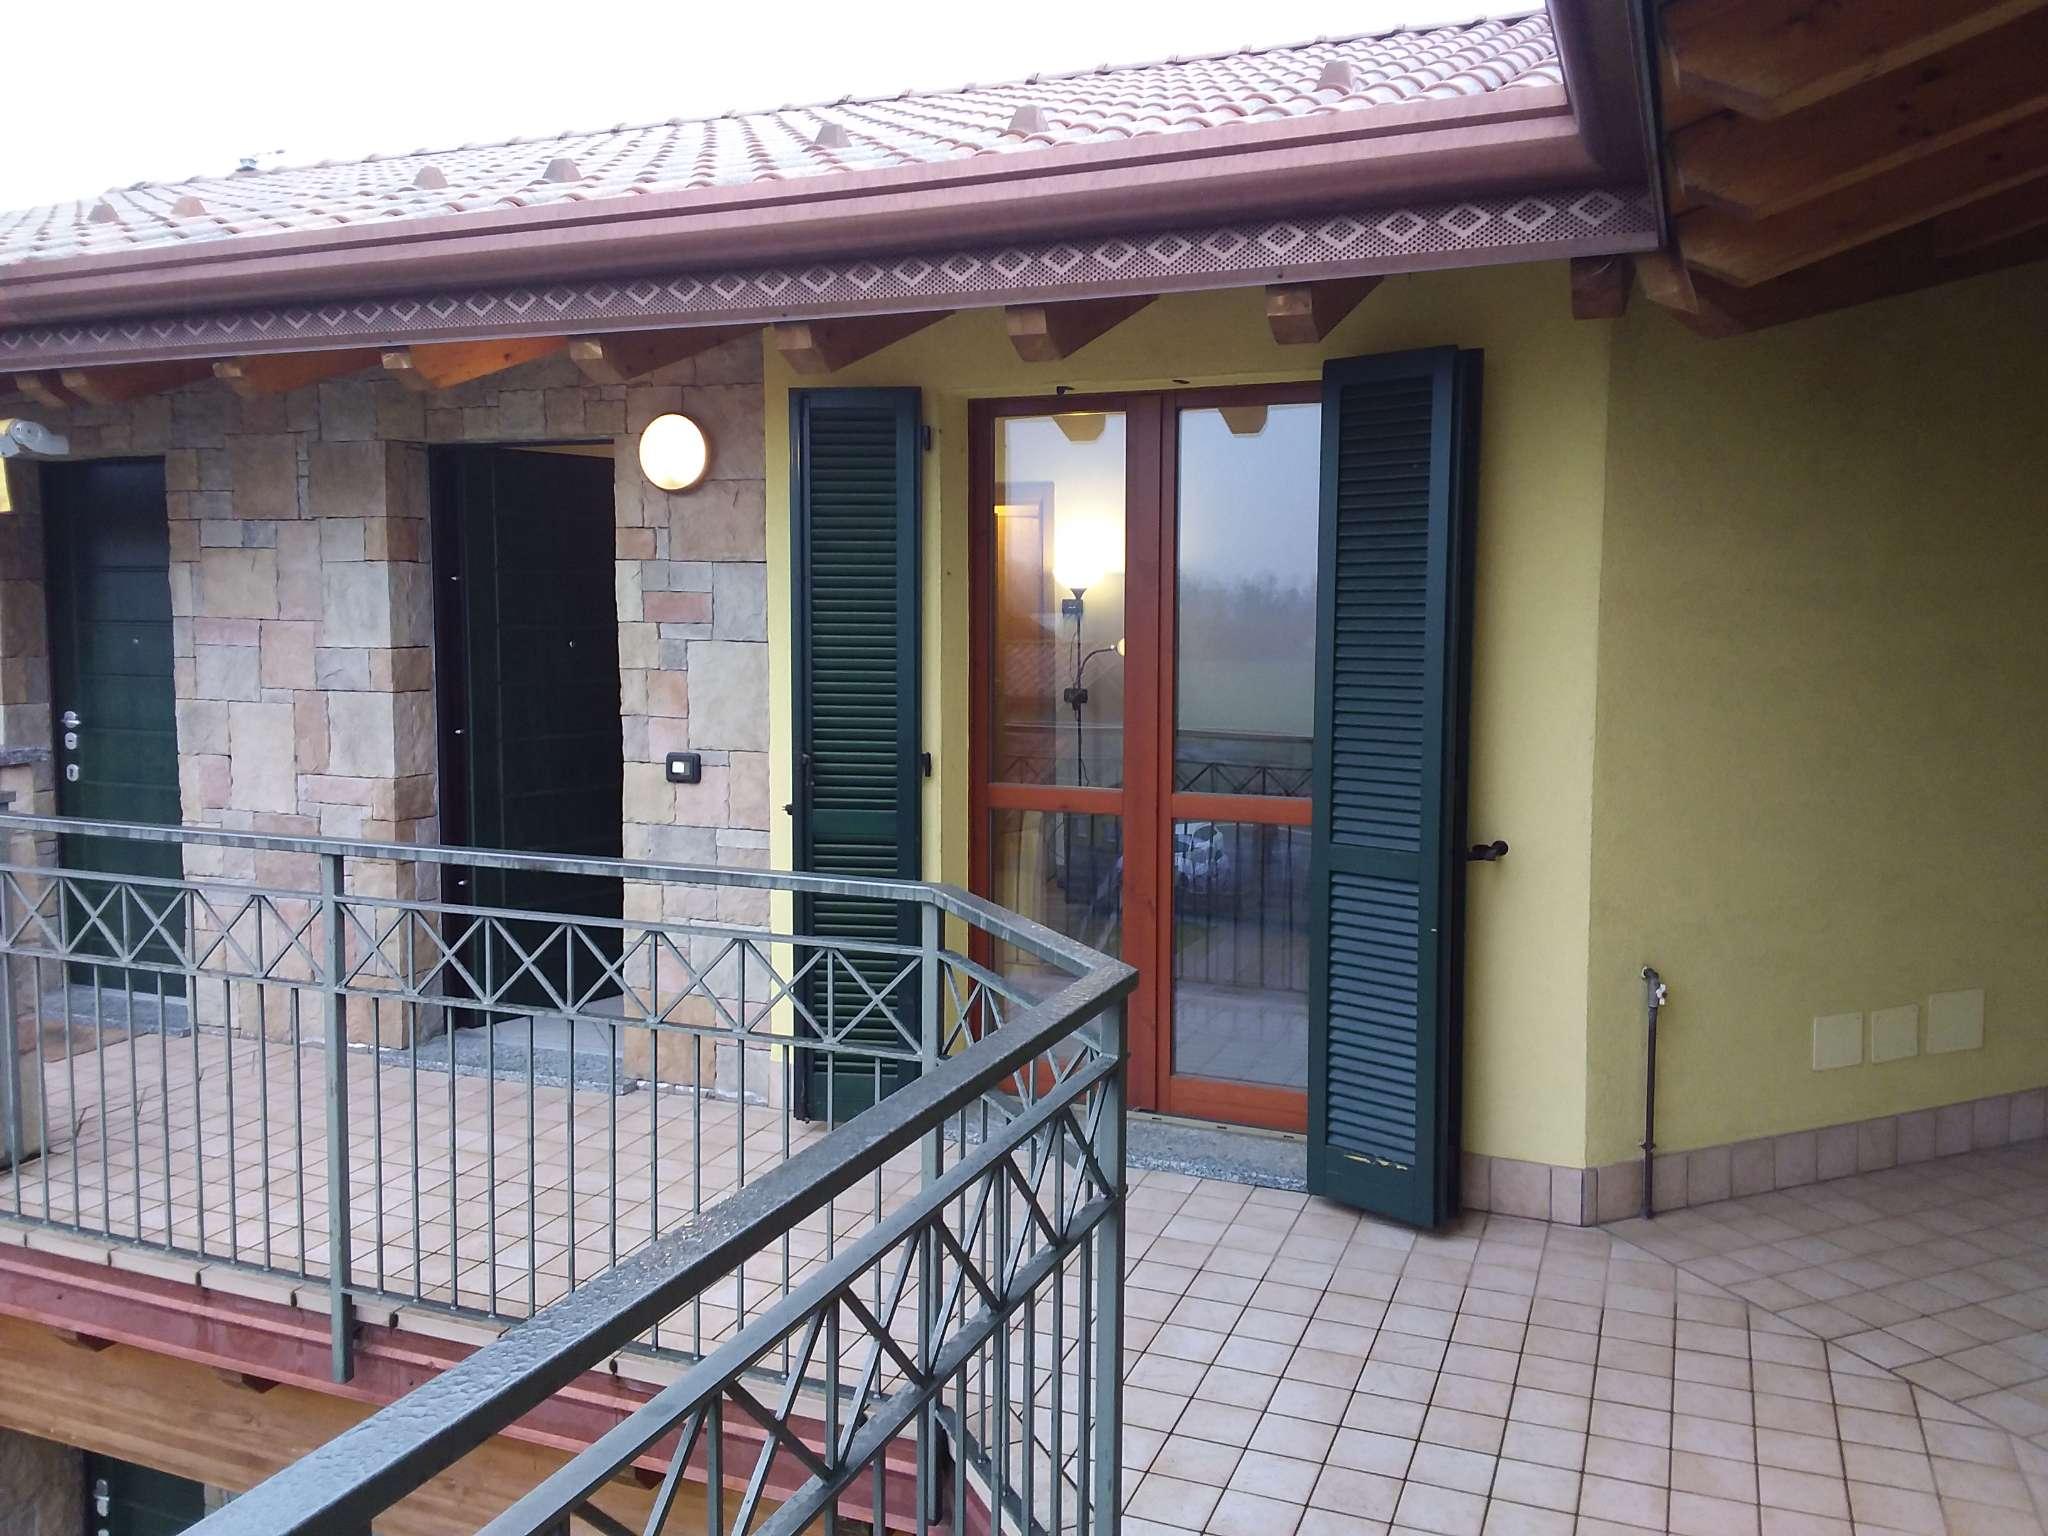 Appartamento in vendita a Boltiere, 2 locali, prezzo € 95.000 | PortaleAgenzieImmobiliari.it